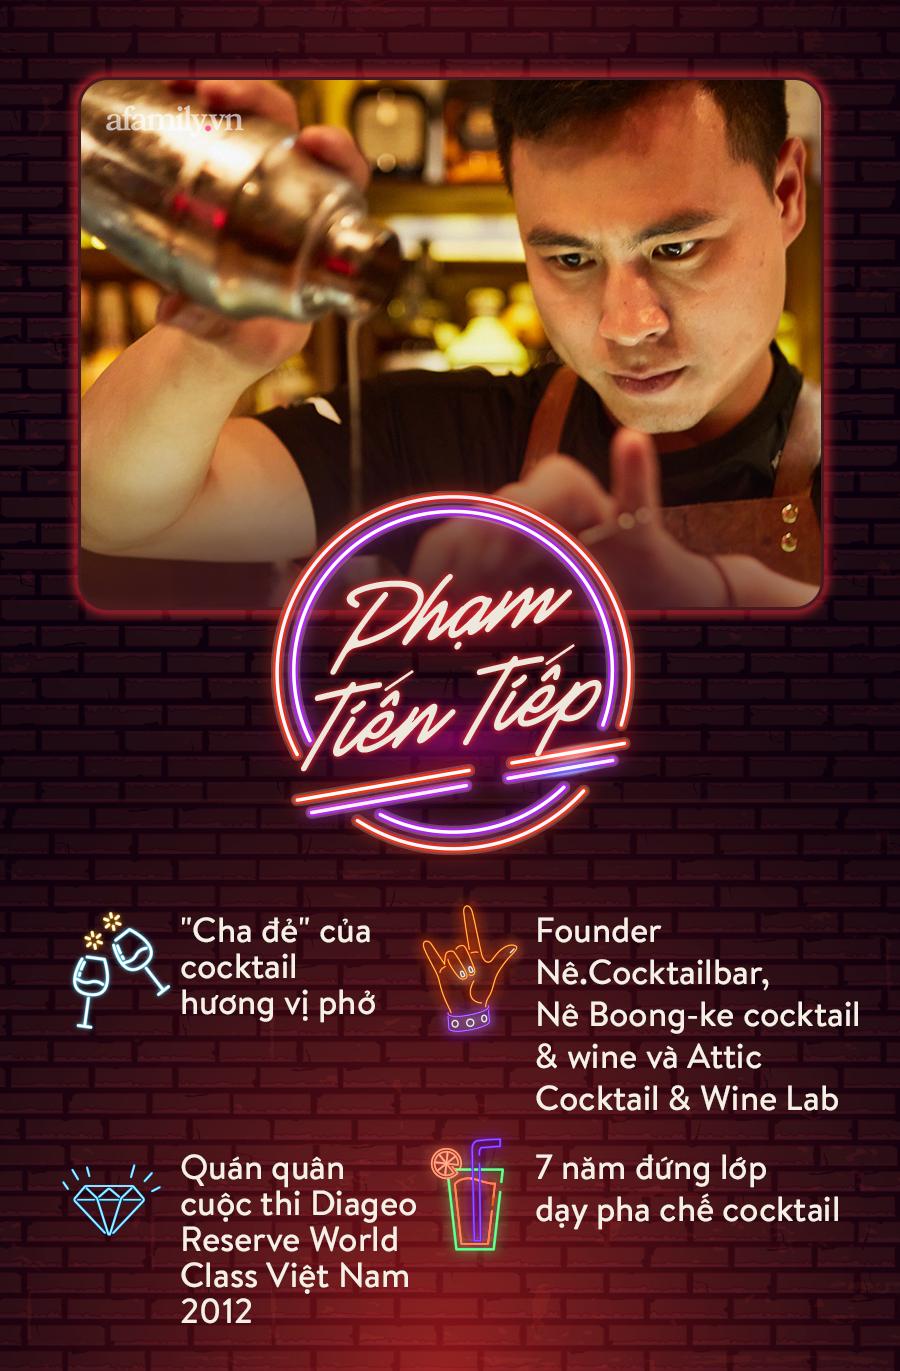 Người đàn ông đứng sau hàng loạt quán pub nổi tiếng ở Hà Nội chia sẻ về nghề dạy pha chế cocktail: Bài học đầu tiên tôi dạy học trò của mình là biết chiều khách đúng cách và cản khách đúng lúc! - Ảnh 2.